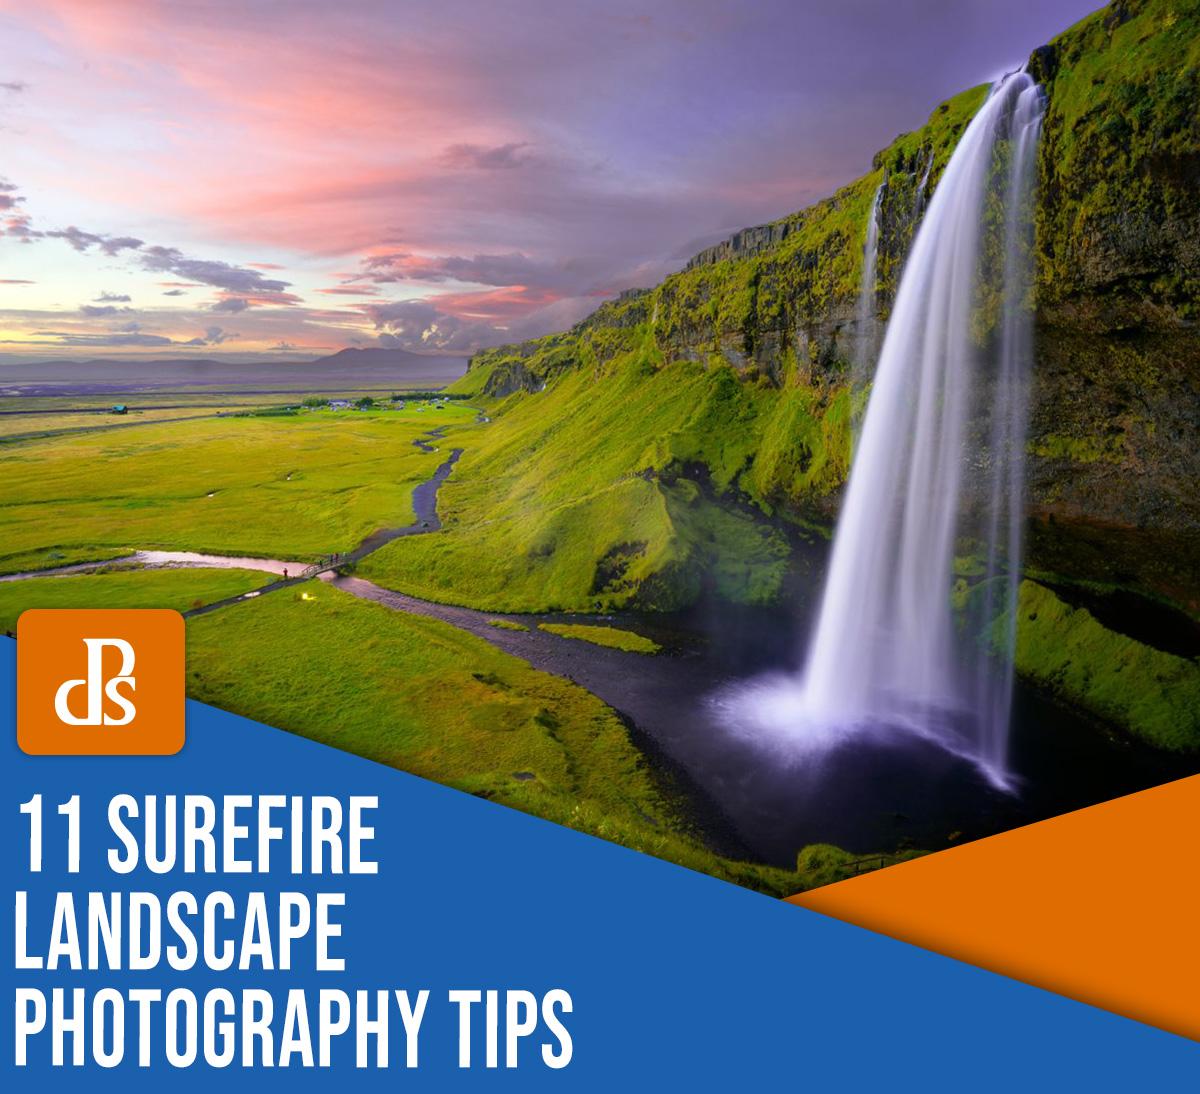 11 dicas infalíveis para fotografia de paisagem